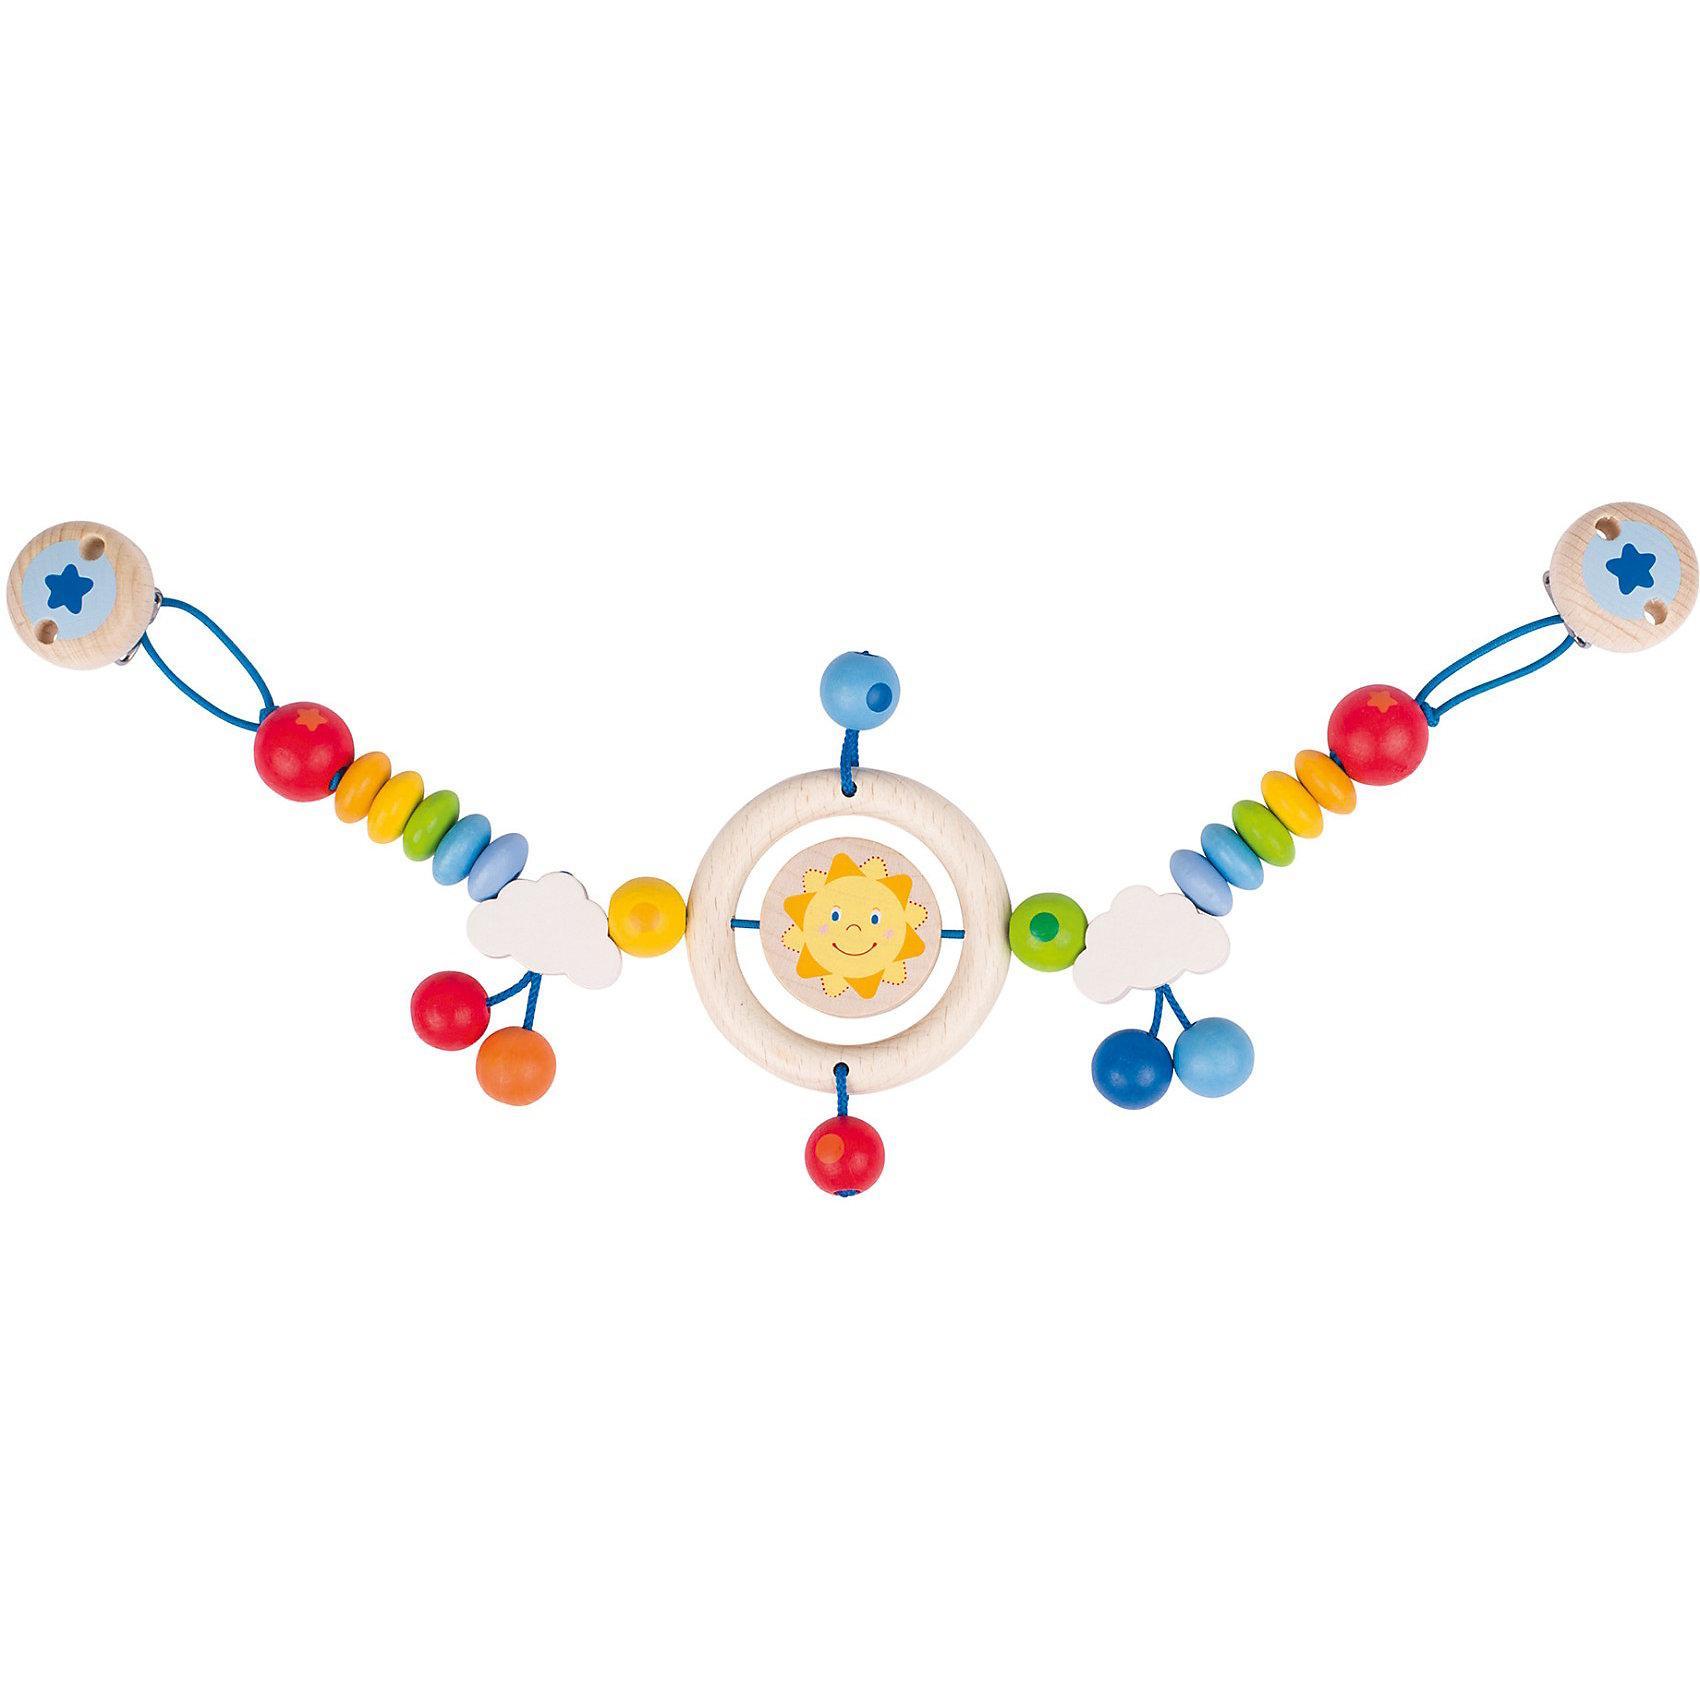 Растяжка на коляску Весёлое солнышко , HEIMESSДеревянные игрушки<br>Для изготовления высококачественных игрушек новой серии SOFT COLORS используются натуральные красители нежных пастельных тонов, приготовленные на водной основе. Окрашенные детали не покрываются затем,как обычно, прозрачным лаком. Поэтому в процессе эксплуатации игрушки на ней могут постепенно  появиться следы механического истирания, но зато под тонким  слоем красителя видна фактура древесины.Растяжка на клипсах может крепиться не только на коляску, но и на автокресло, а также прикрепляться к любым текстильным поверхностям. У игрушки есть маленький колокольчик.<br><br>Ширина мм: 287<br>Глубина мм: 241<br>Высота мм: 30<br>Вес г: 161<br>Возраст от месяцев: 0<br>Возраст до месяцев: 12<br>Пол: Унисекс<br>Возраст: Детский<br>SKU: 3830722